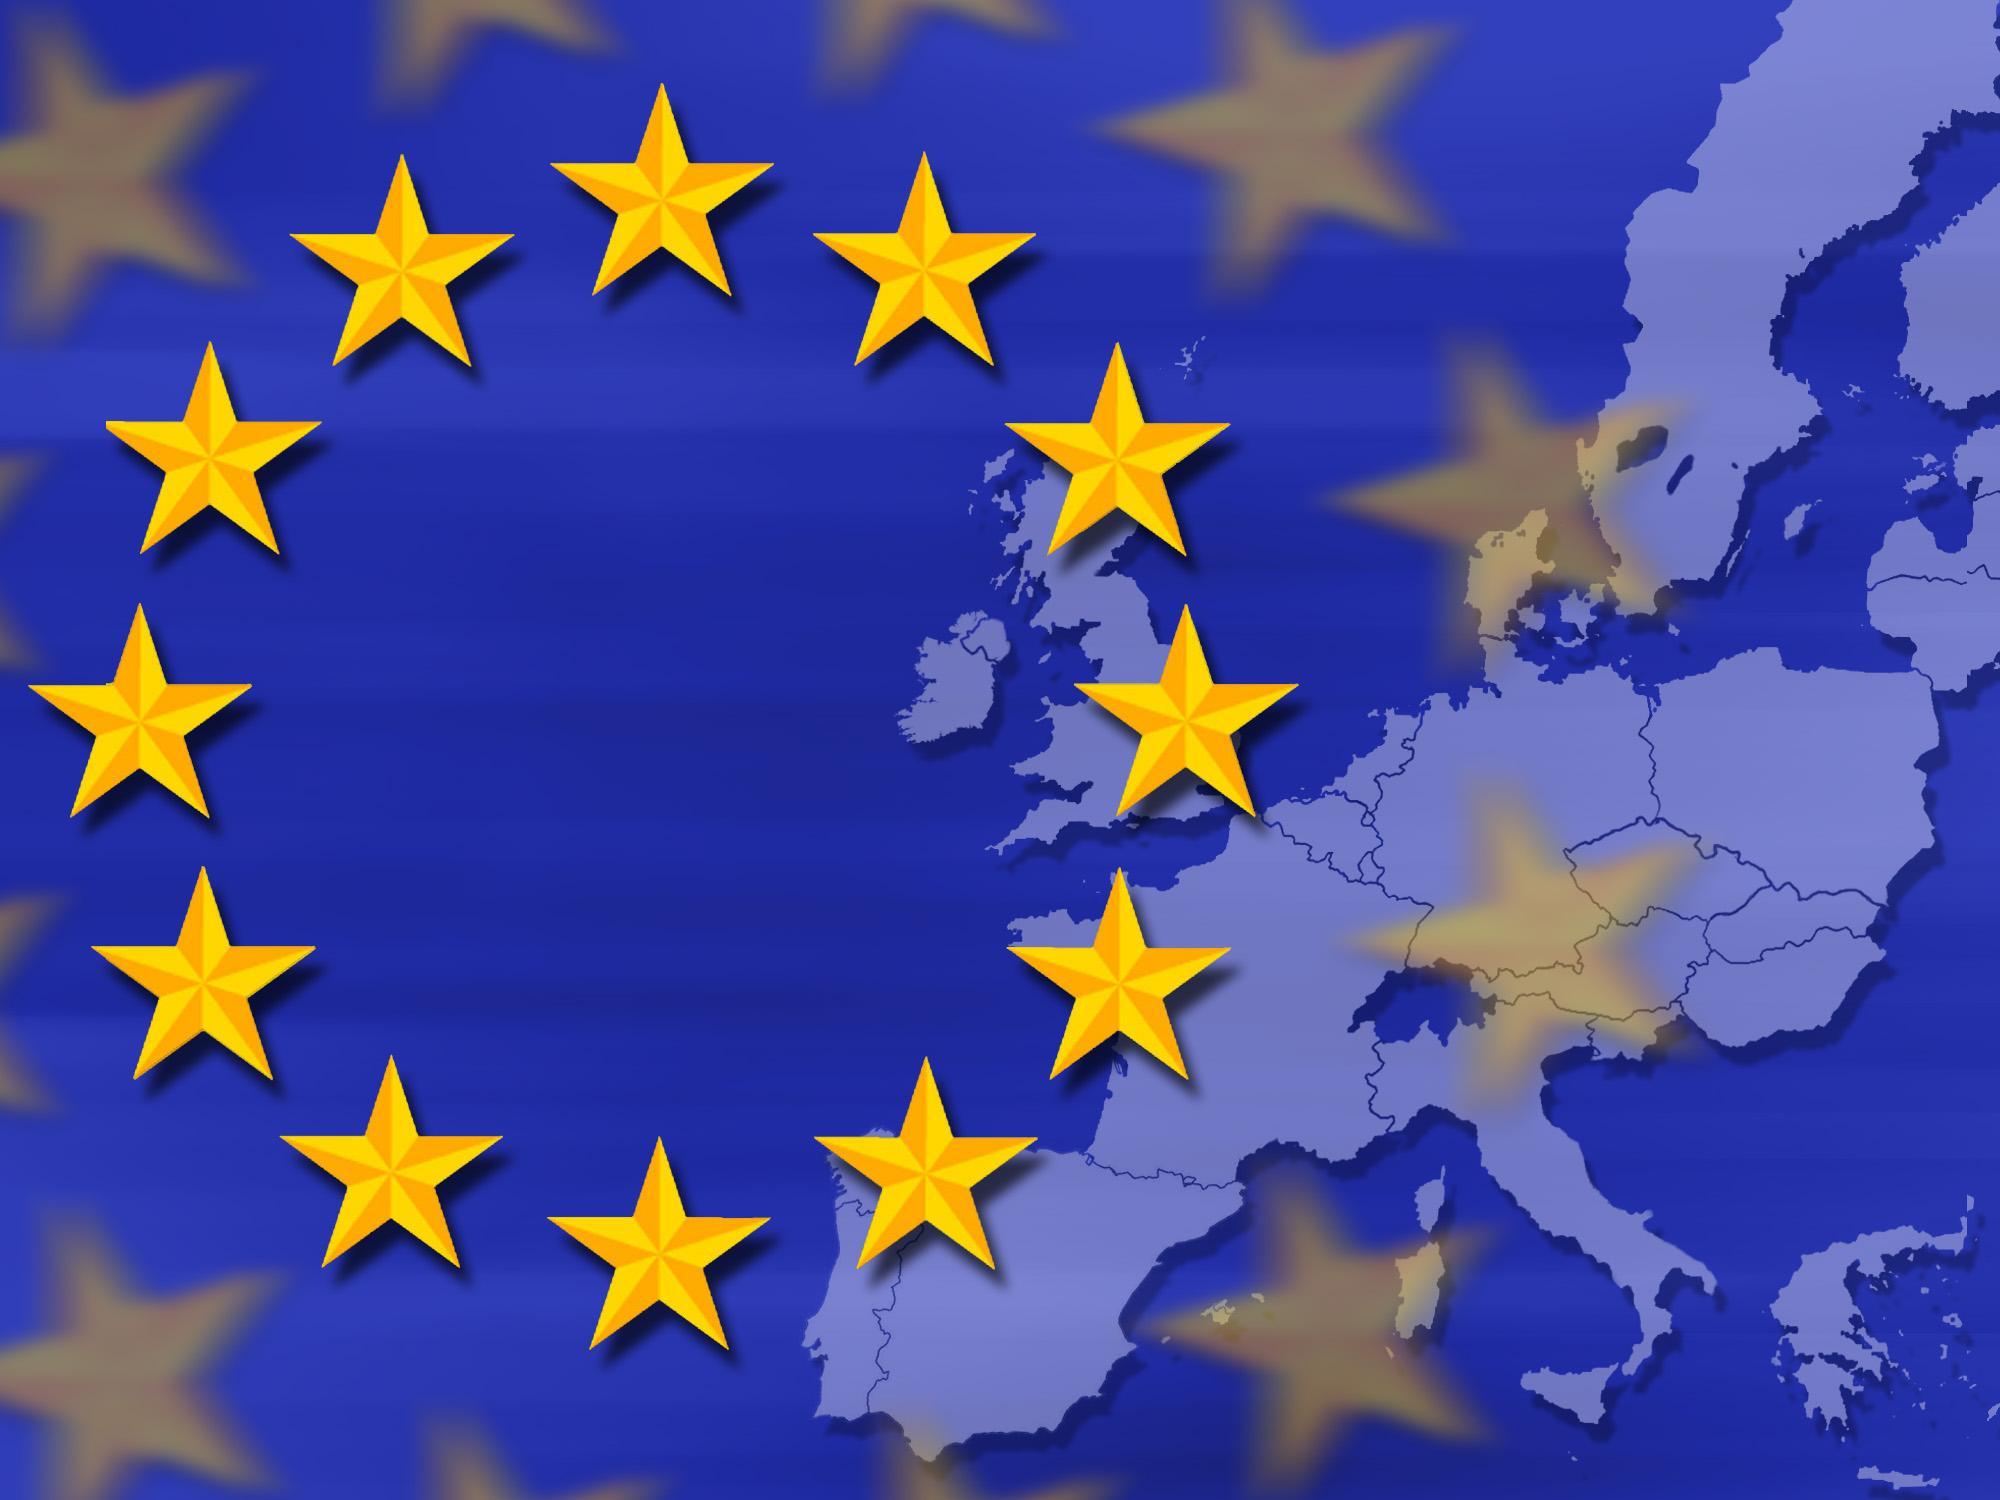 Géographie : capitales de l'UE